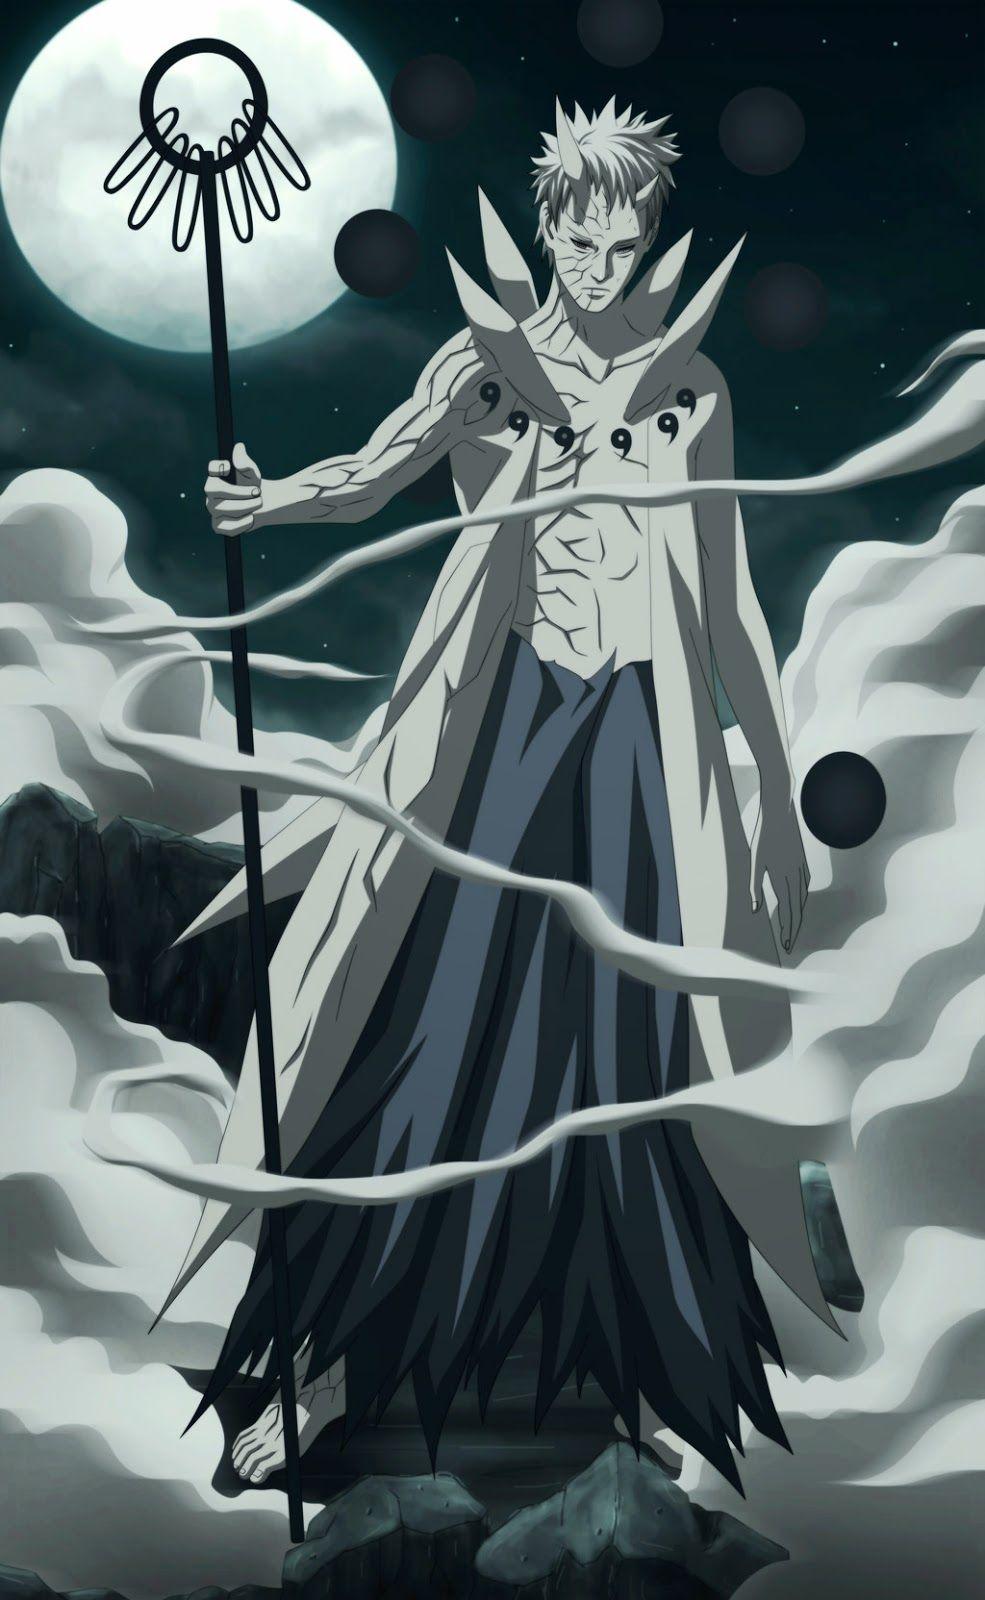 Obitom Ten Tails Jinchuriki Personagens Naruto Shippuden Personagens De Anime Anime